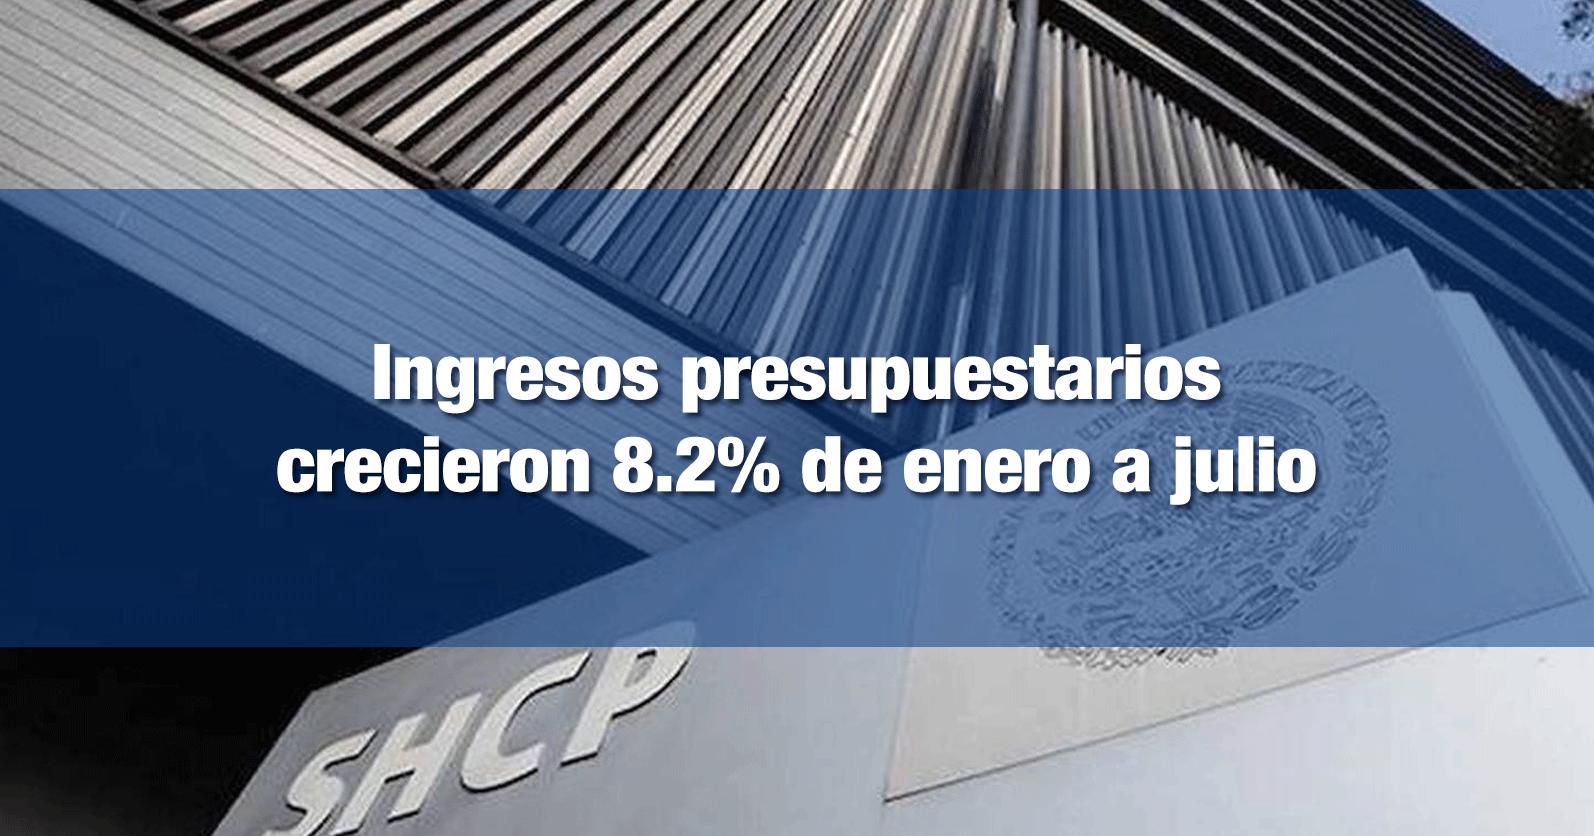 Ingresos presupuestarios crecieron 8.2% de enero a julio